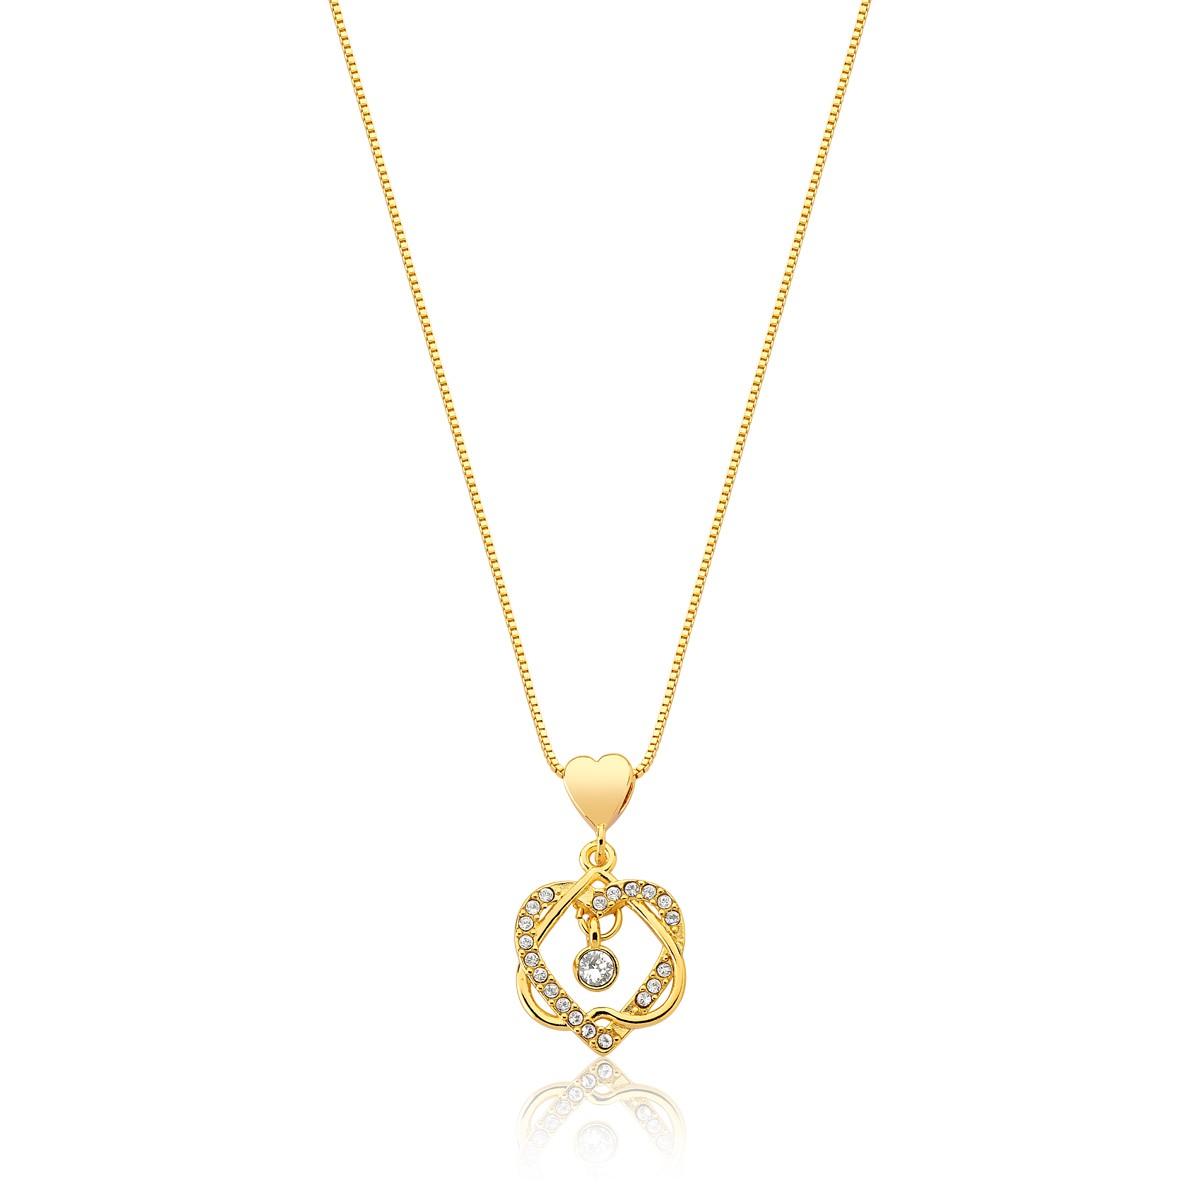 Colar Eternal Love Brilhante Revestido em Ouro